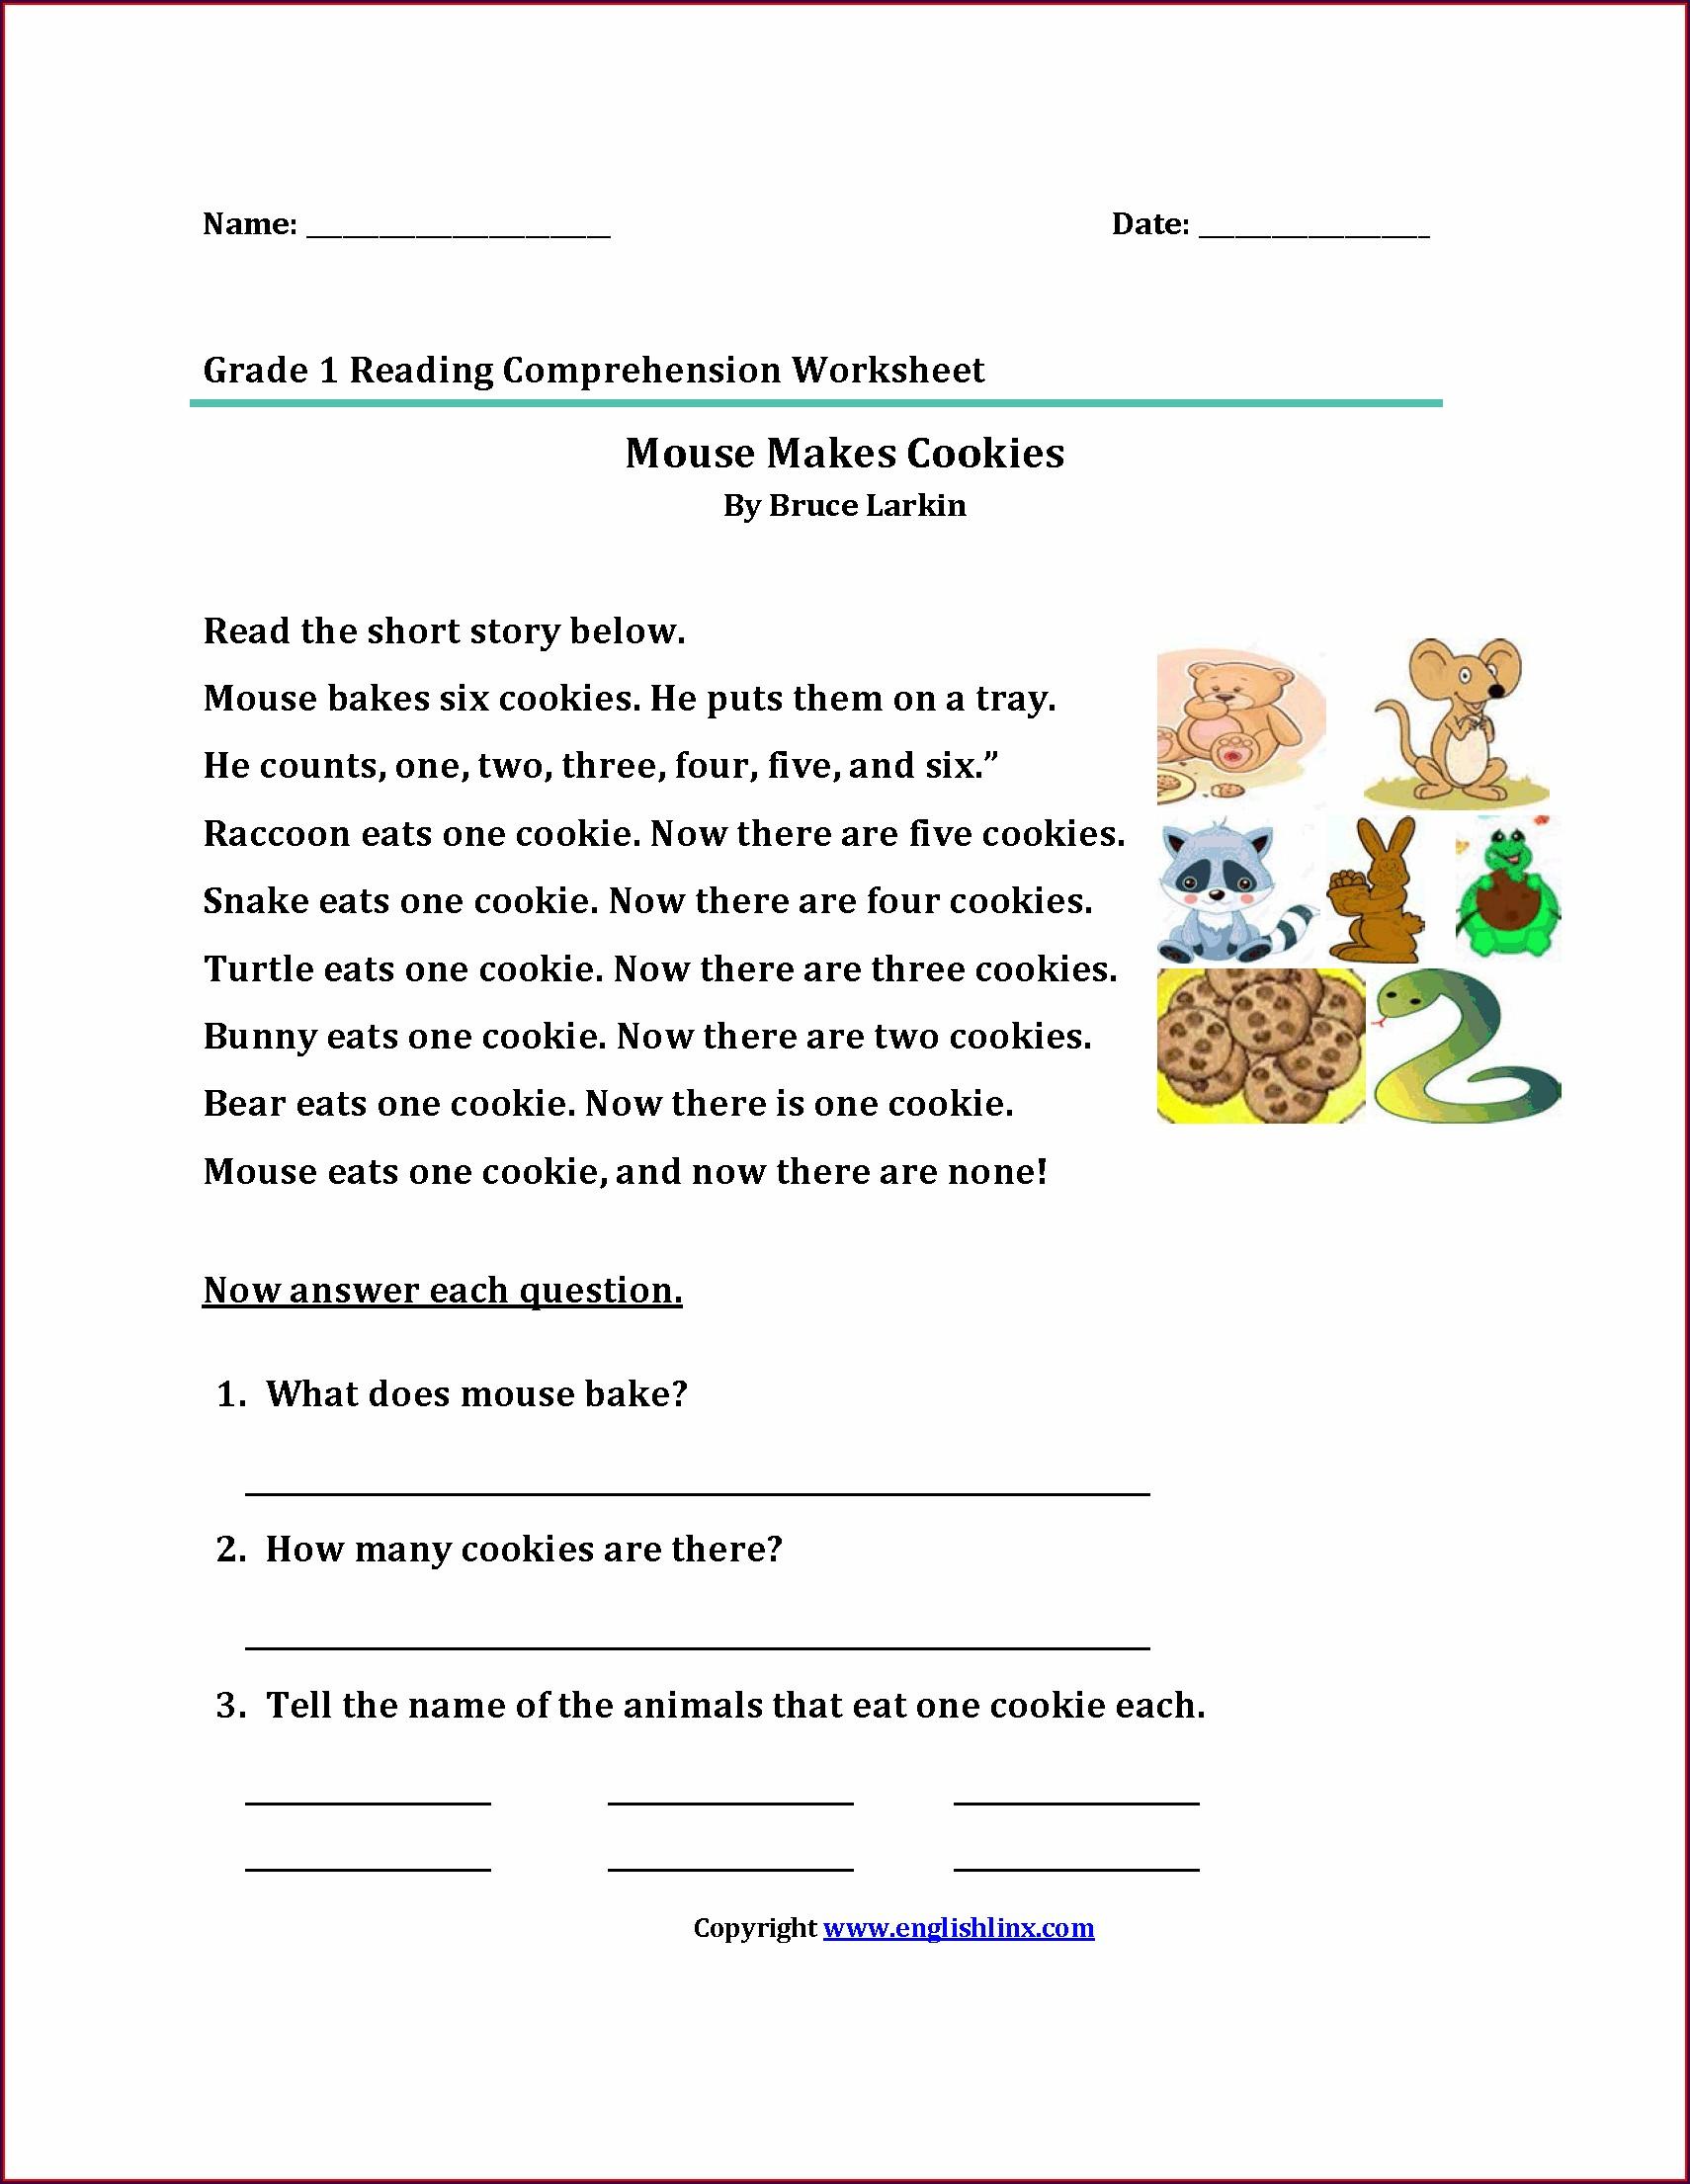 Easy Comprehension Worksheet For Grade 1